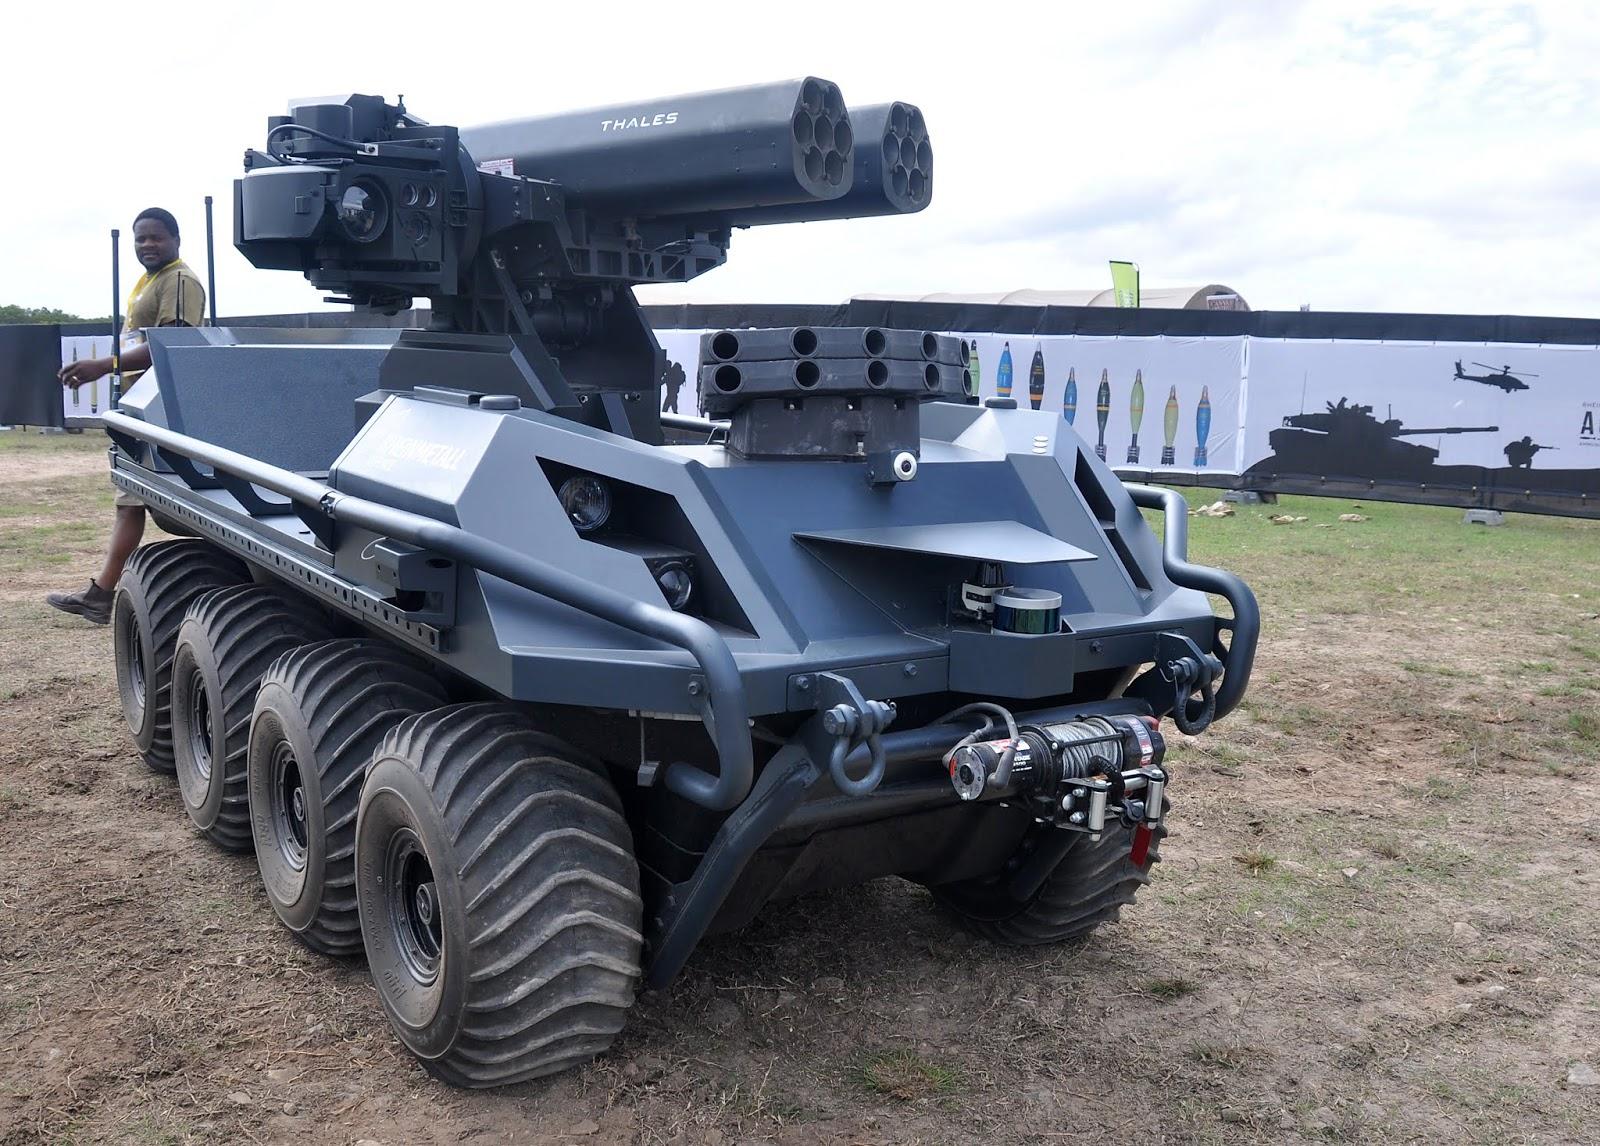 Industrie de defense Allemande / die deutsche Rüstungsindustrie - Page 6 _12f3305